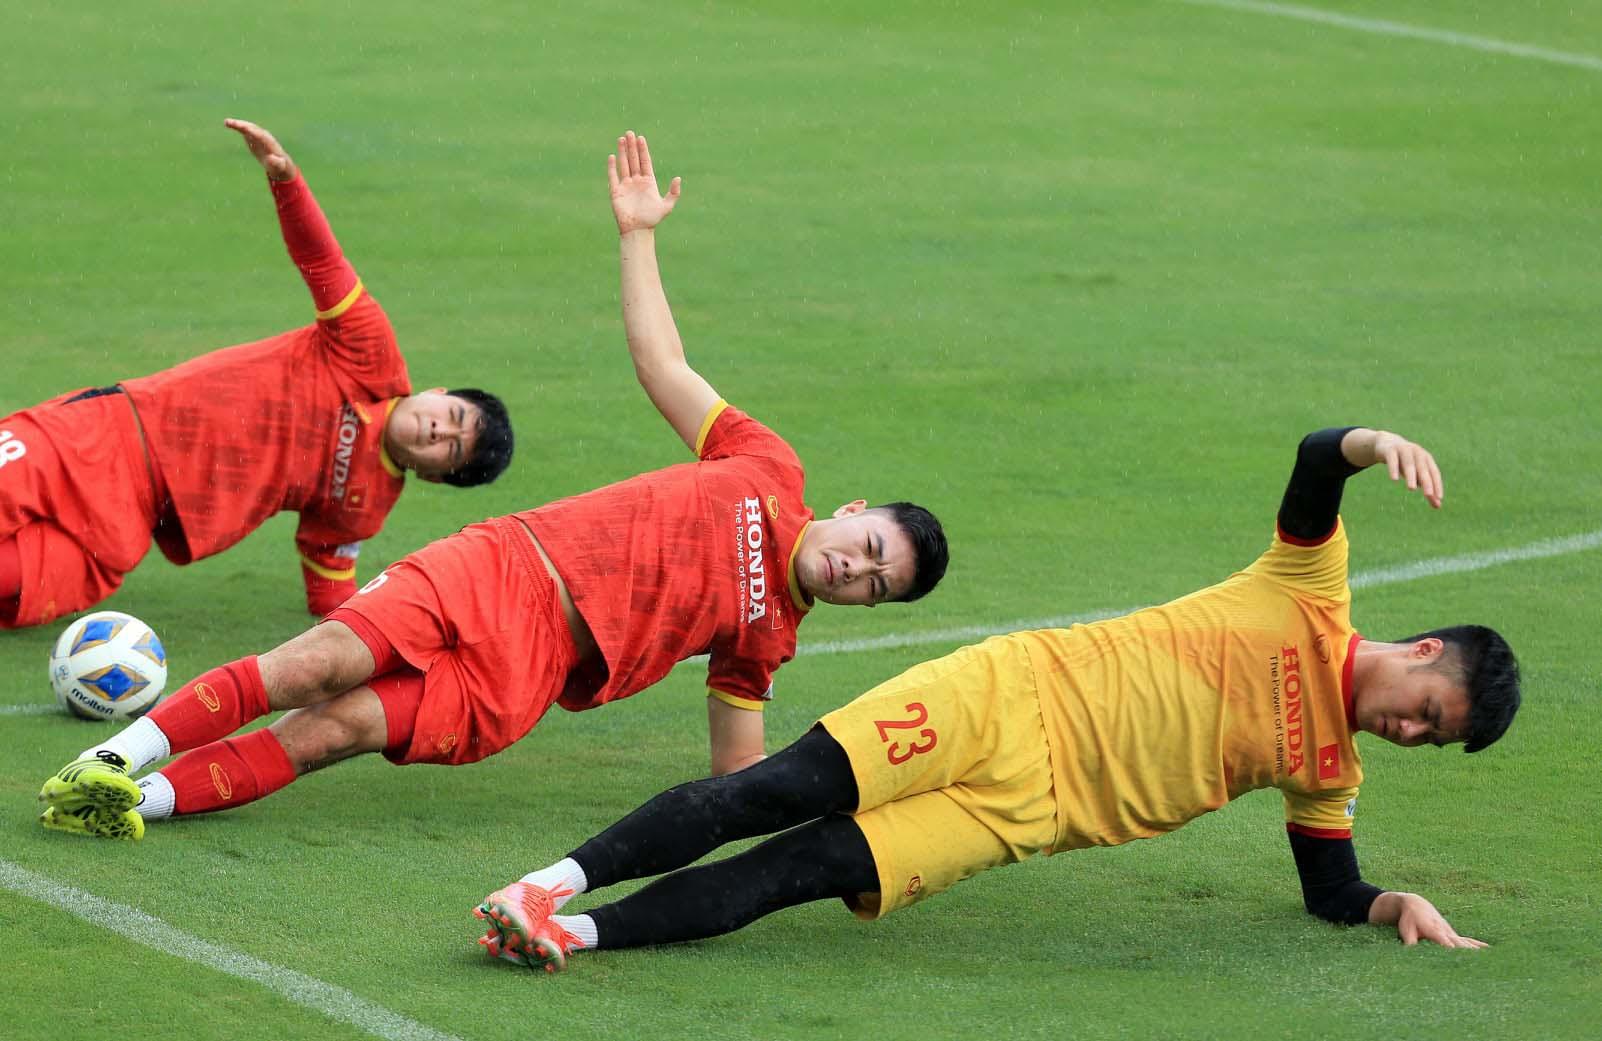 Đội tuyển Việt Nam trở lại tập luyện, hướng tới trận đấu với đội tuyển Trung Quốc và Oman -3